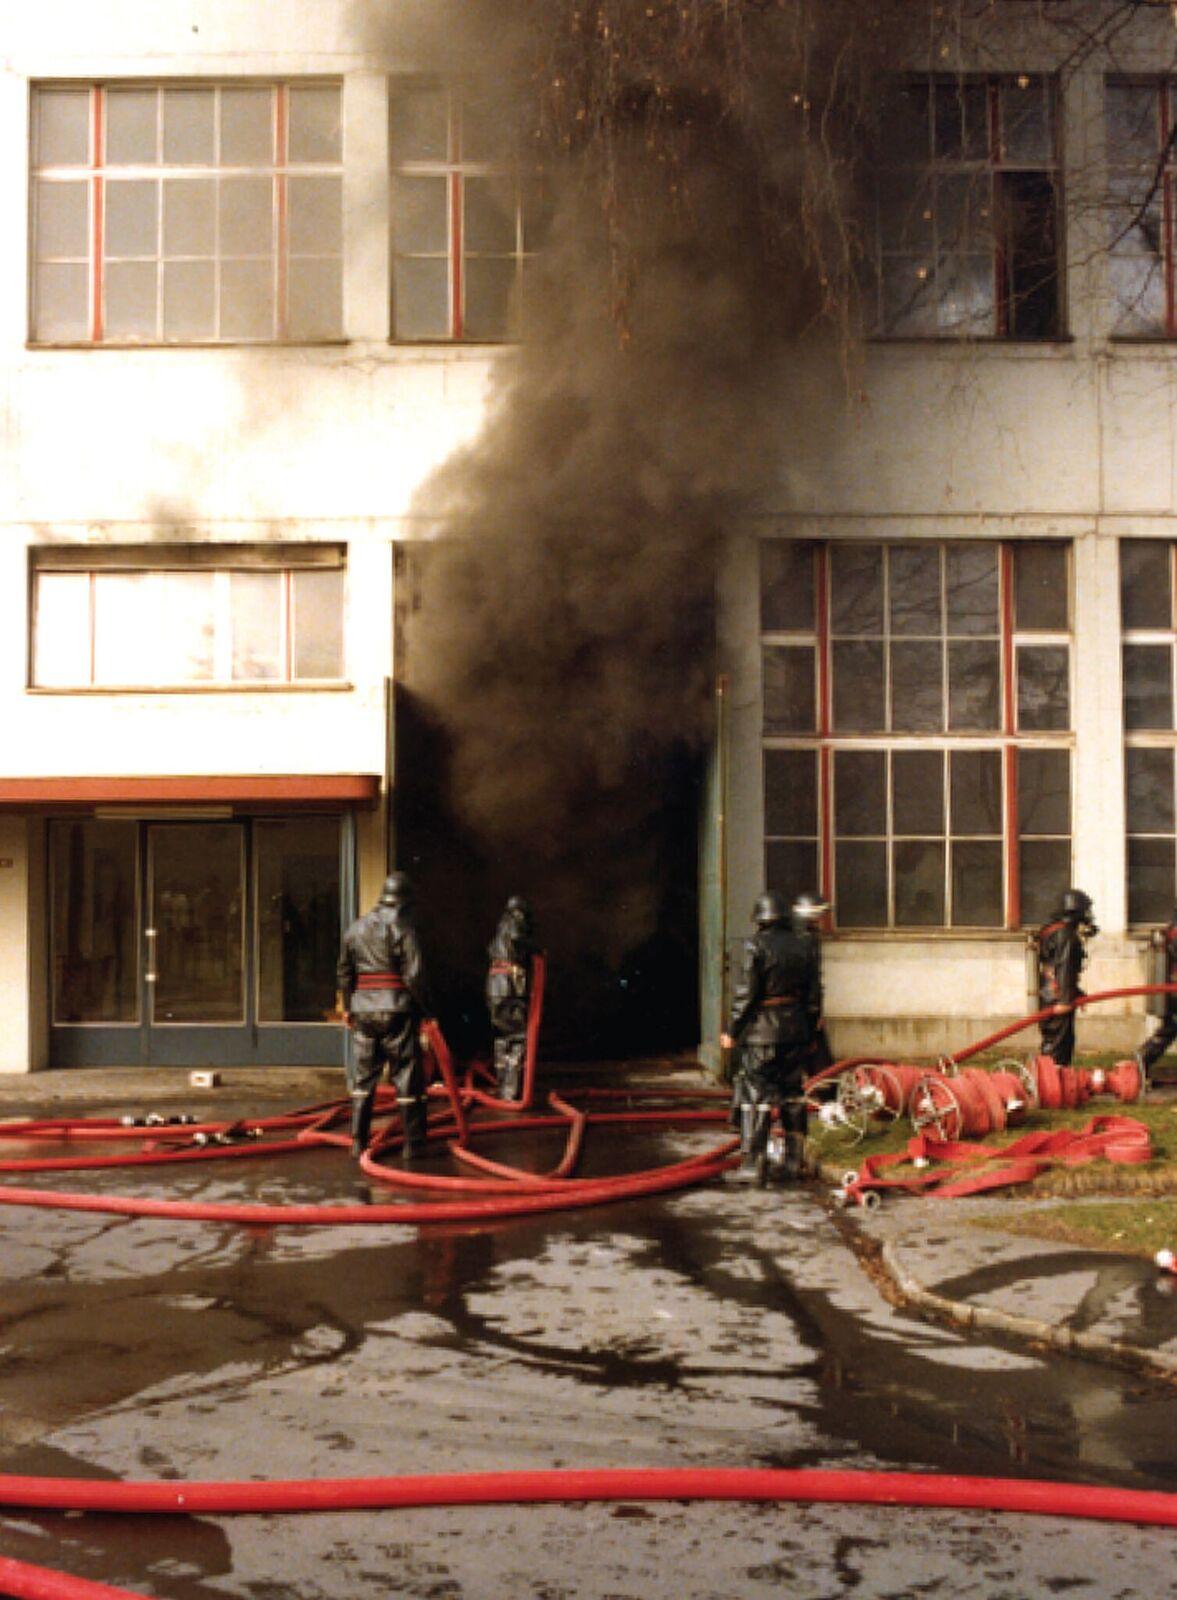 Schwarzer Rauch quillt aus dem Fabrikationstrakt ins Freie.